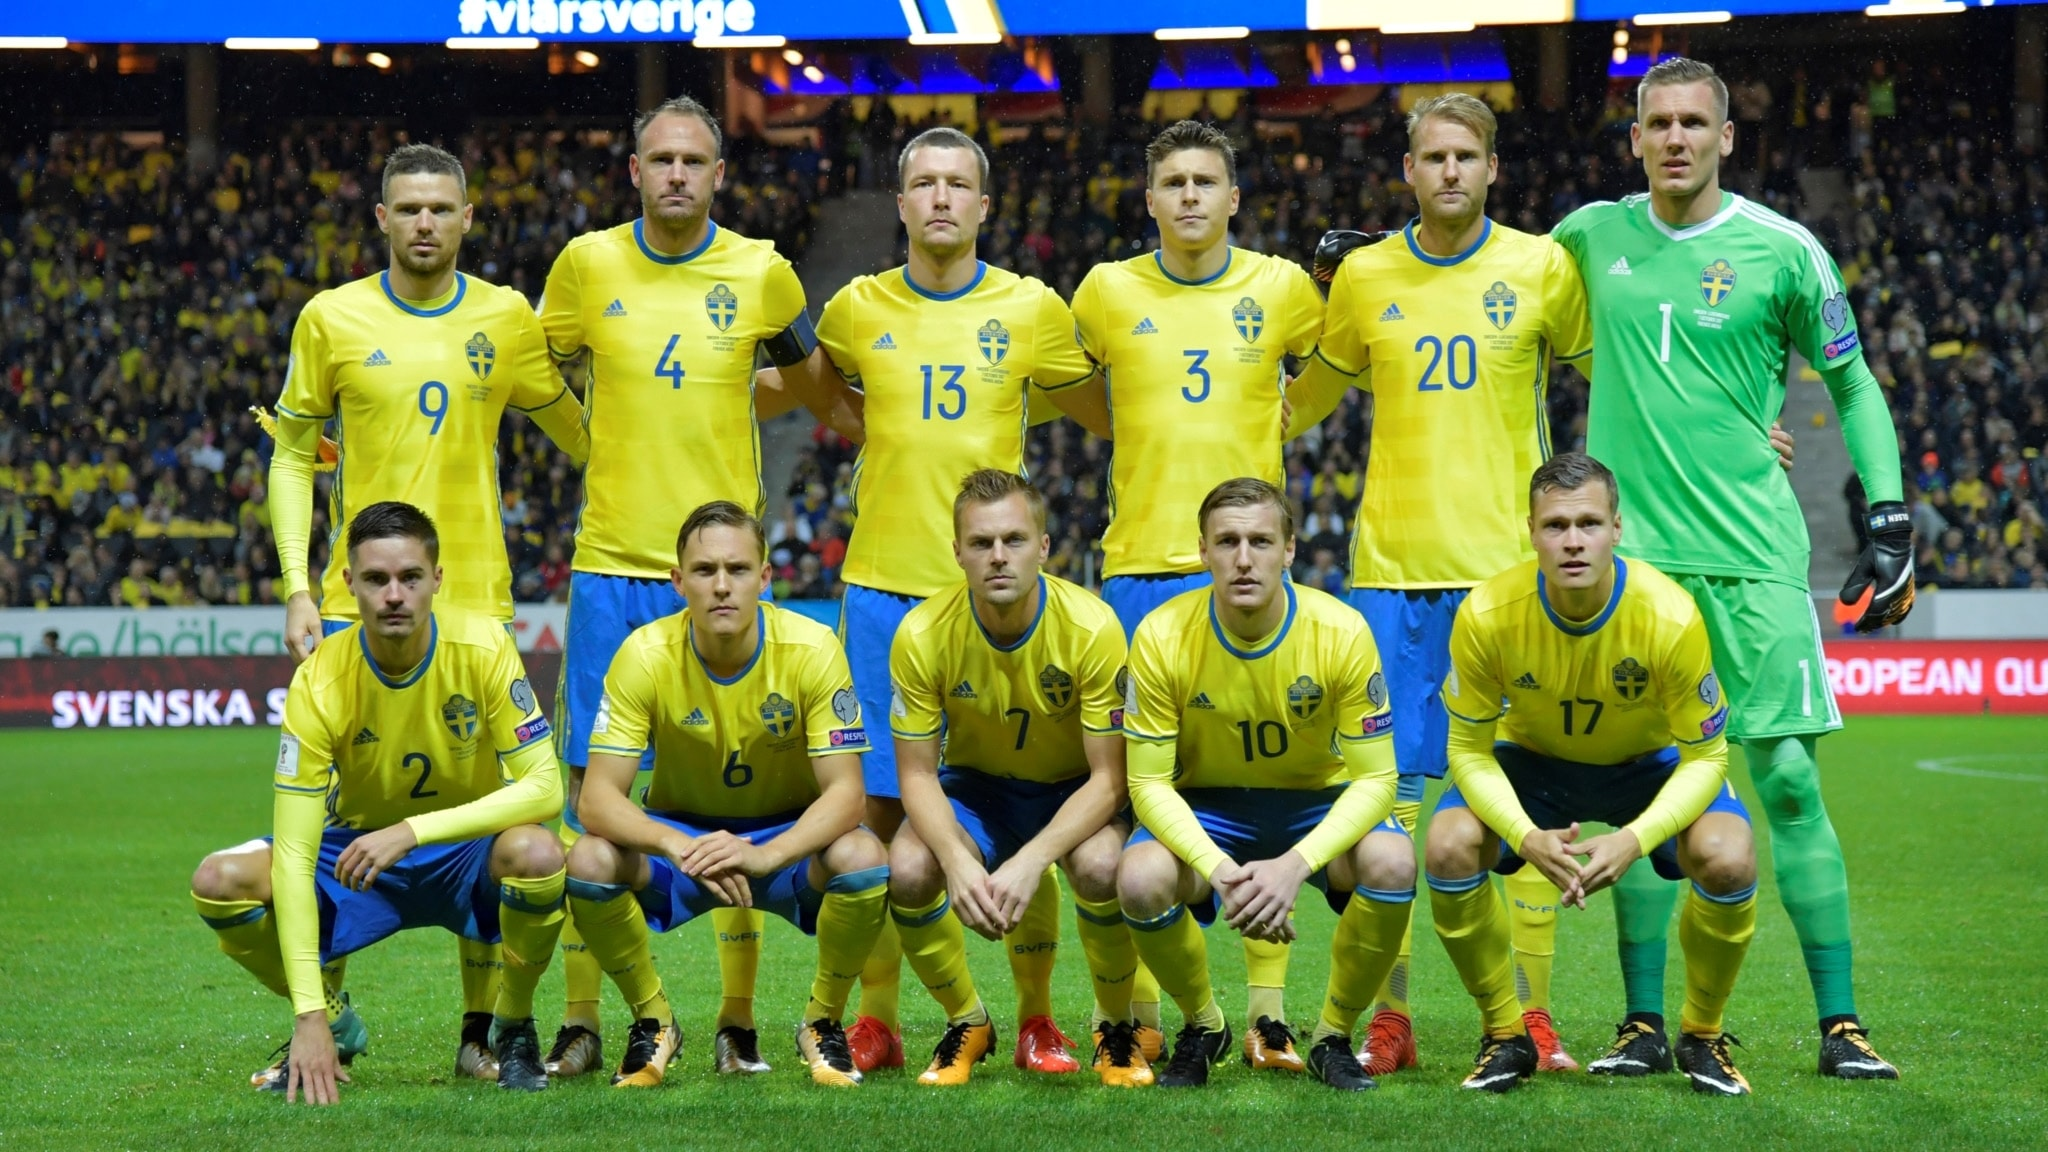 fotbolls vm 2018 spelprogrammet dag f 246 r dag